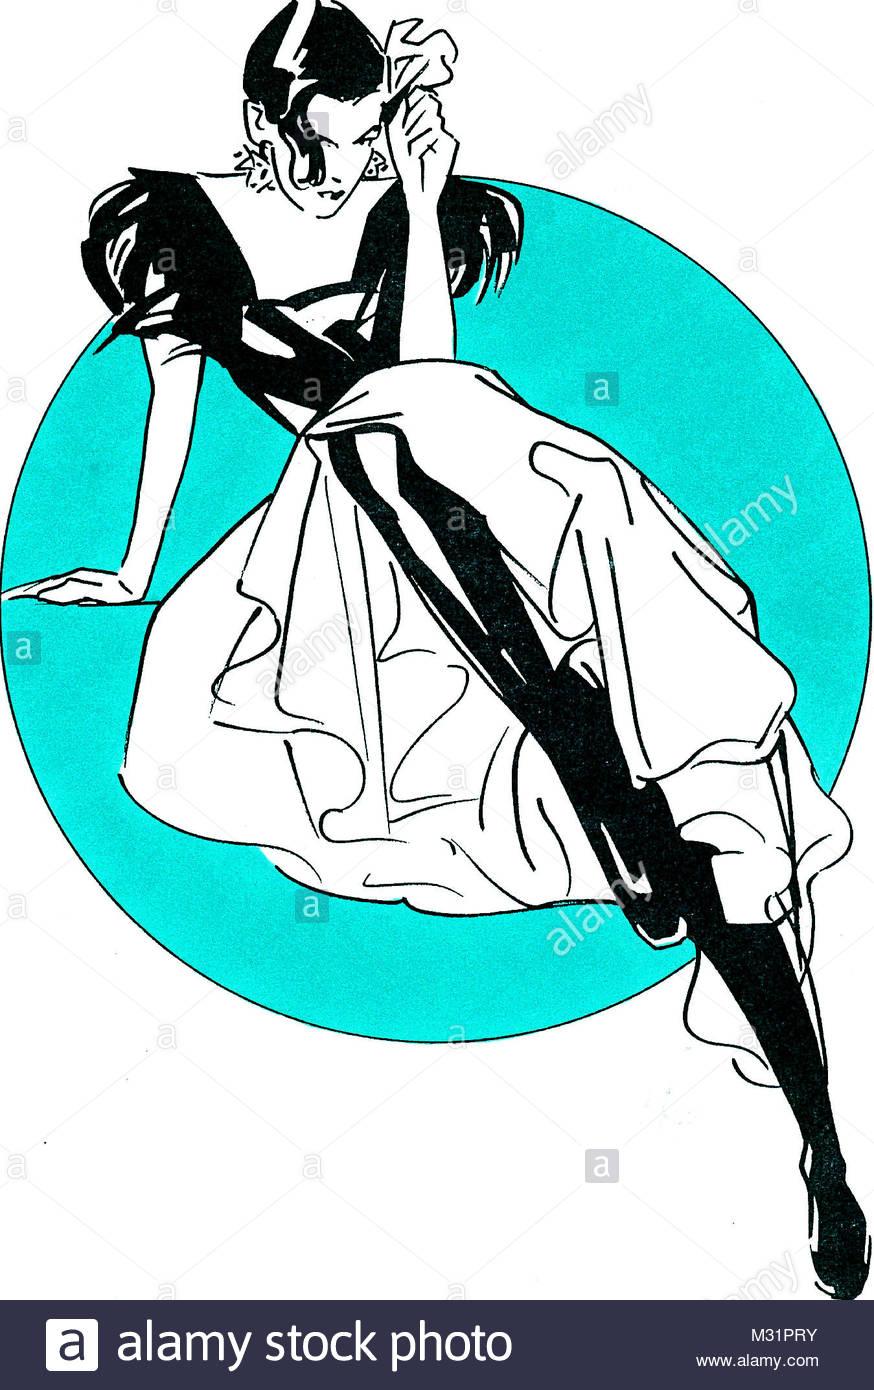 Carmen figure - Stock Image